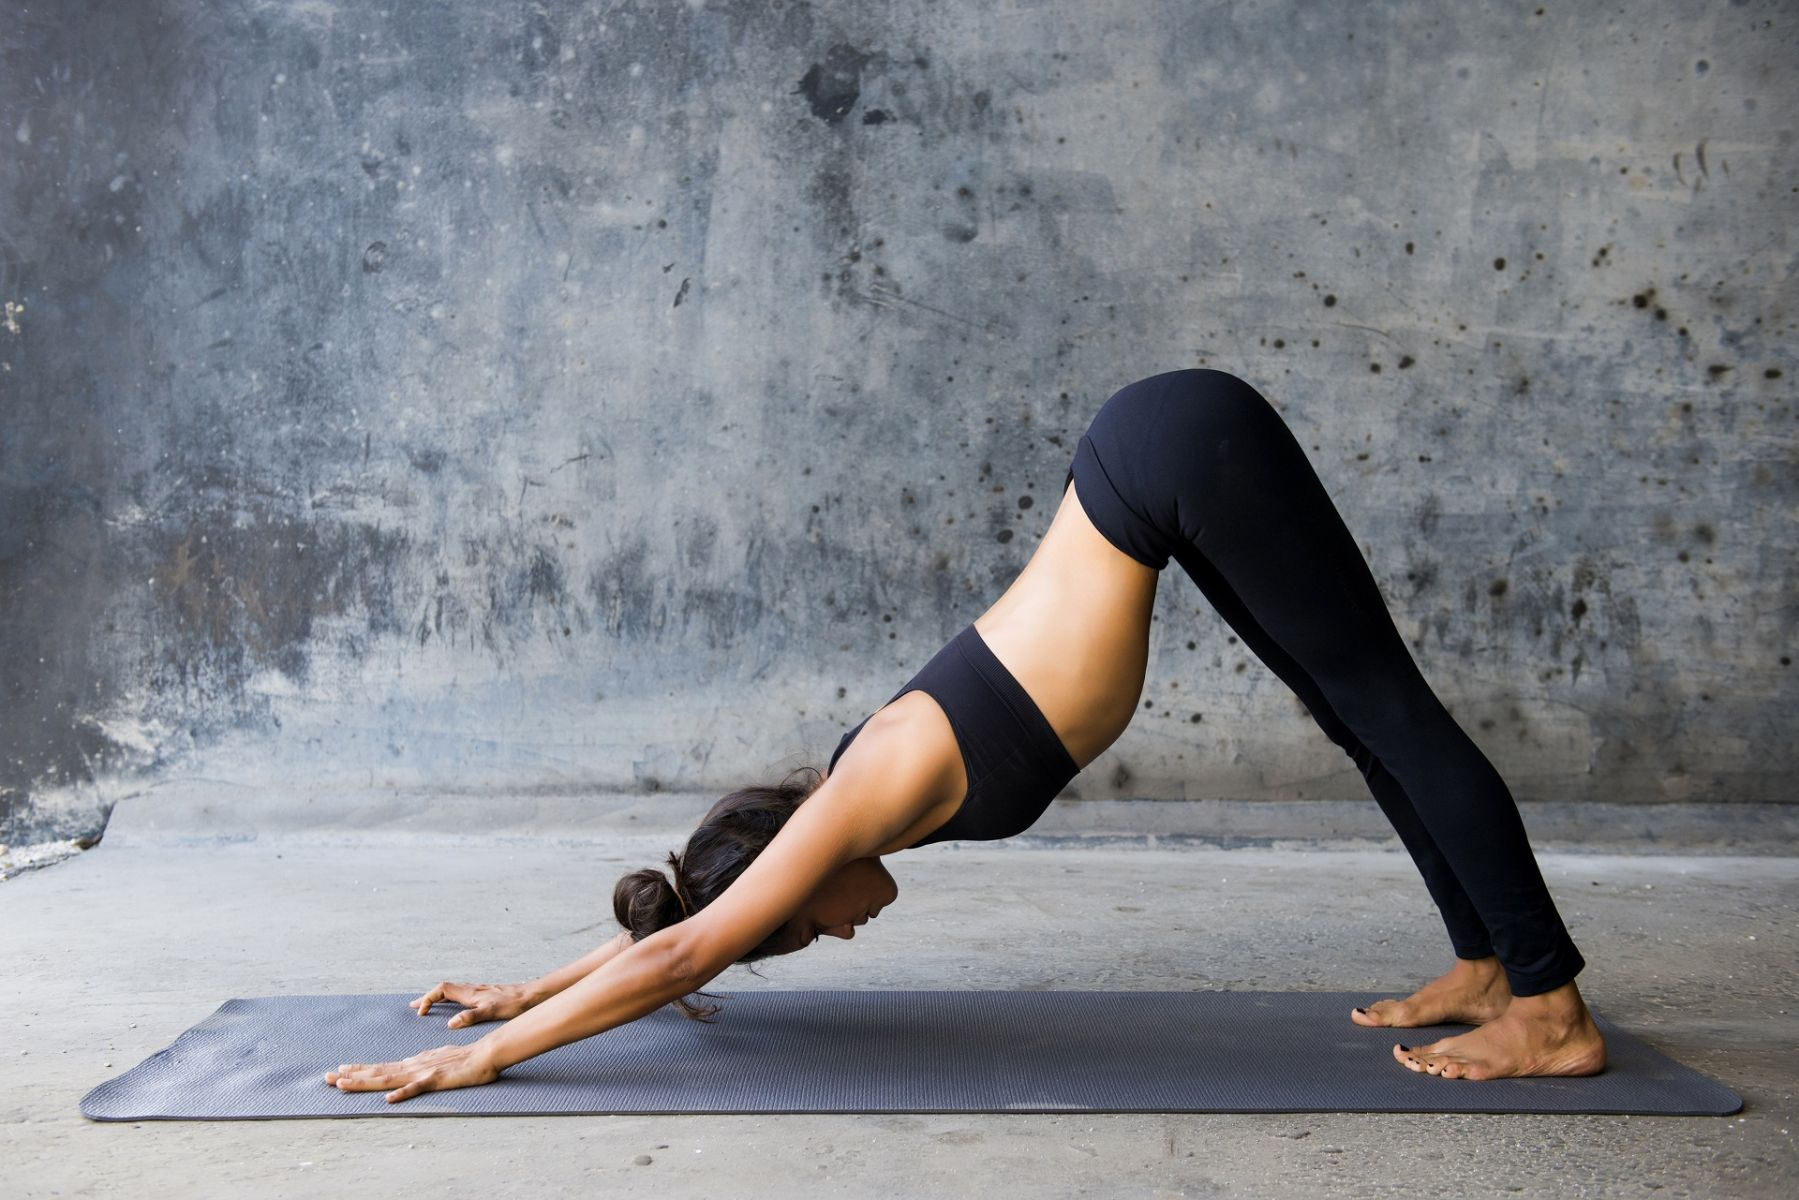 壓力山大、背部疼痛... 靠瑜珈這四步緩解不適!